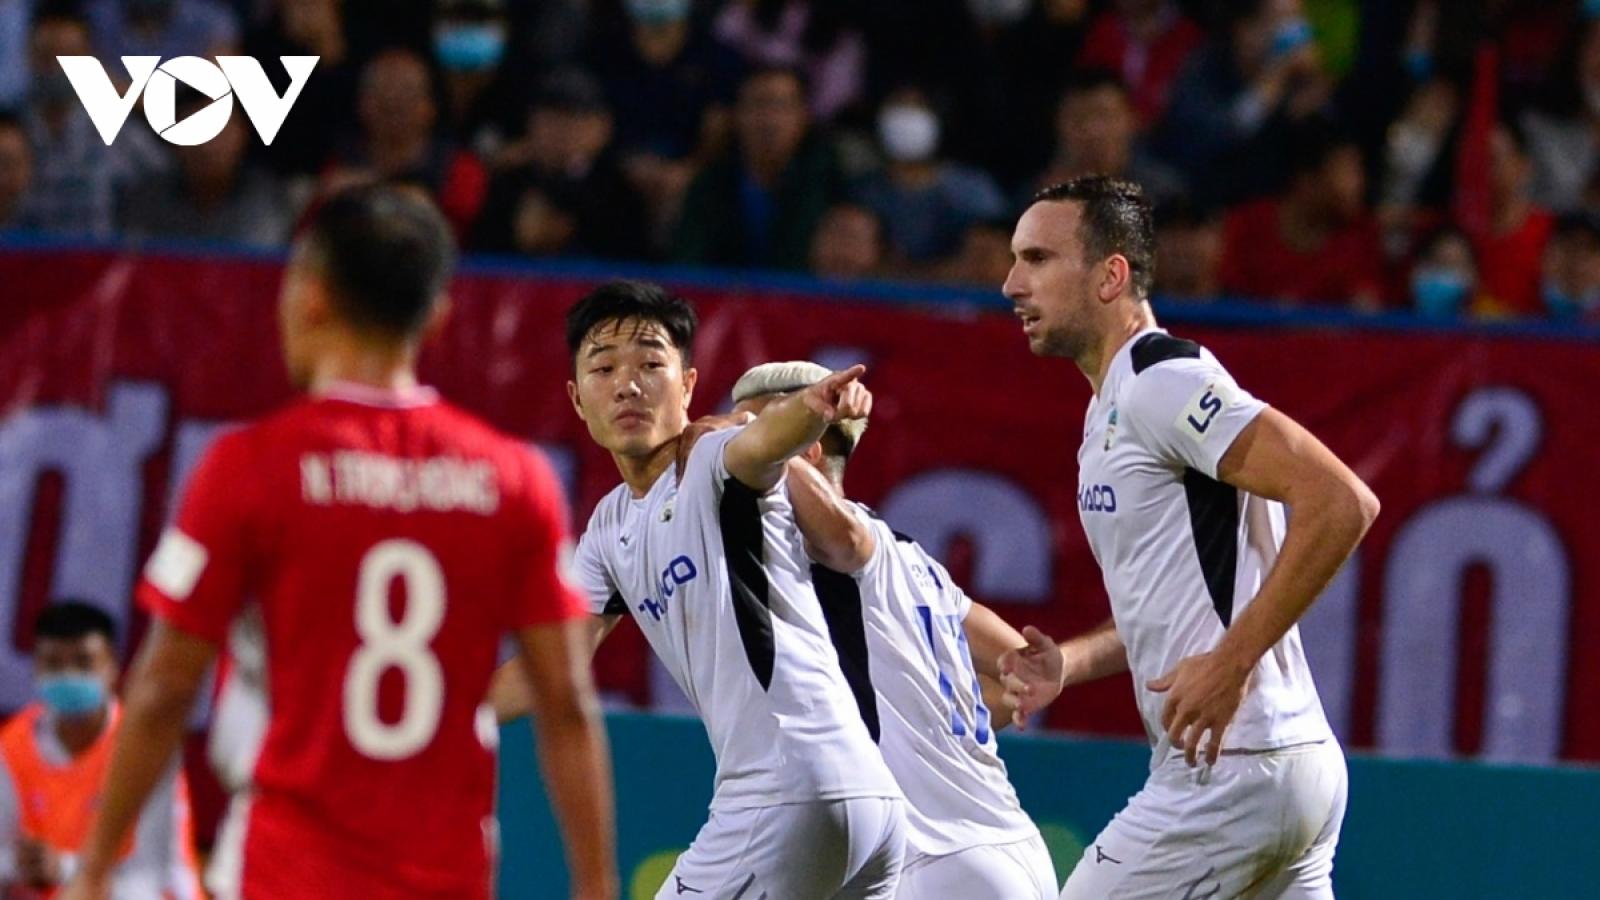 """Lịch thi đấu vòng 5 V-League 2020: HAGL """"lành ít dữ nhiều"""", TPHCM đấu Hà Nội FC"""